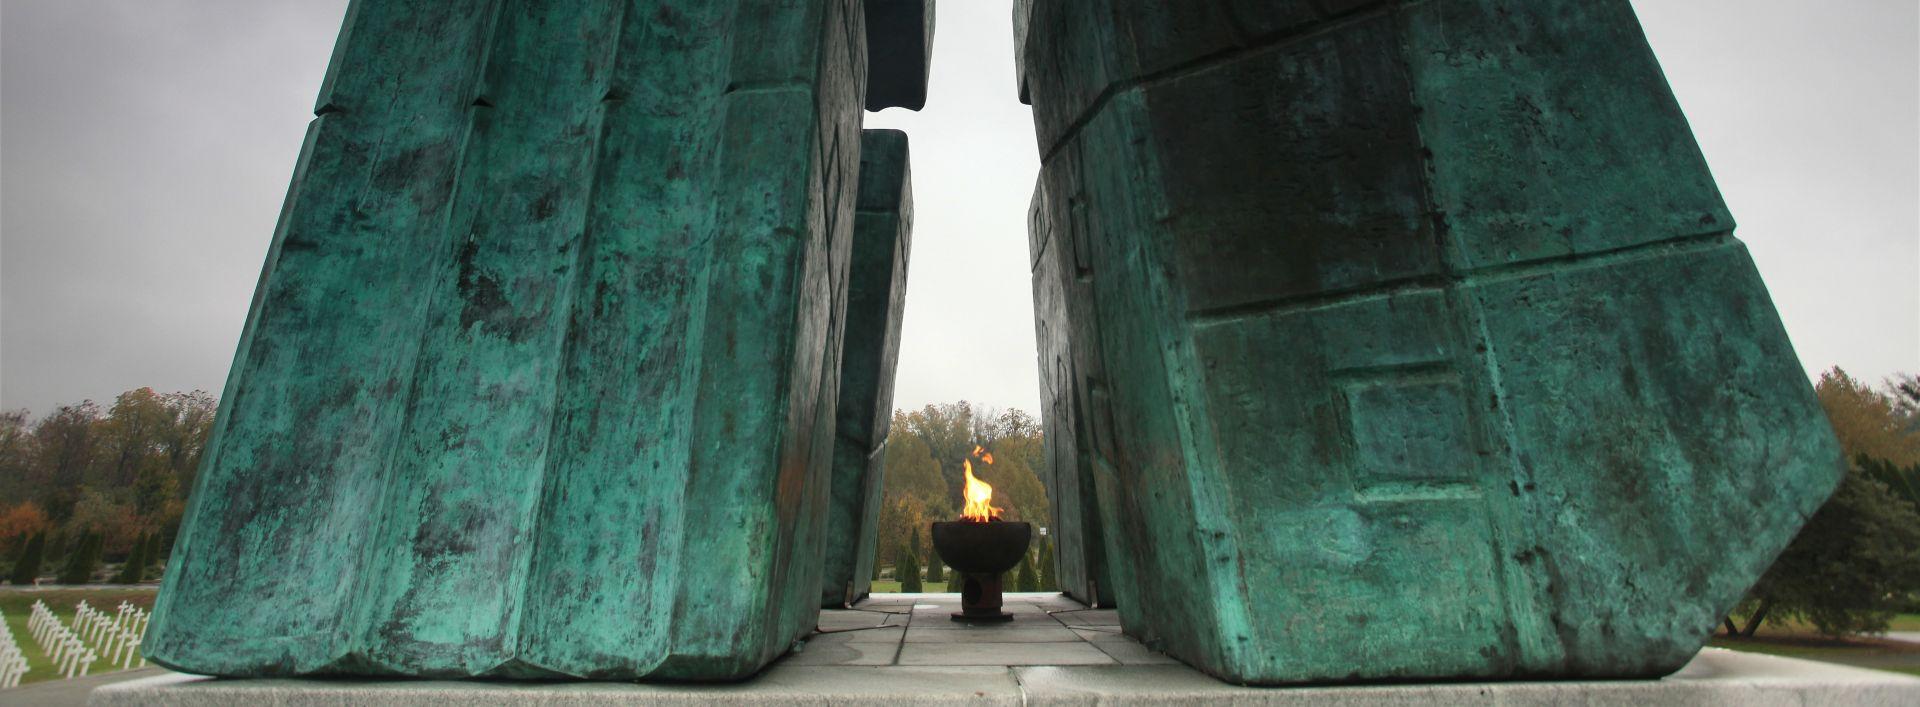 OBLJETNICA OLUJE Za Dan pobjede u Vukovaru pušteno više od tisuću golubova